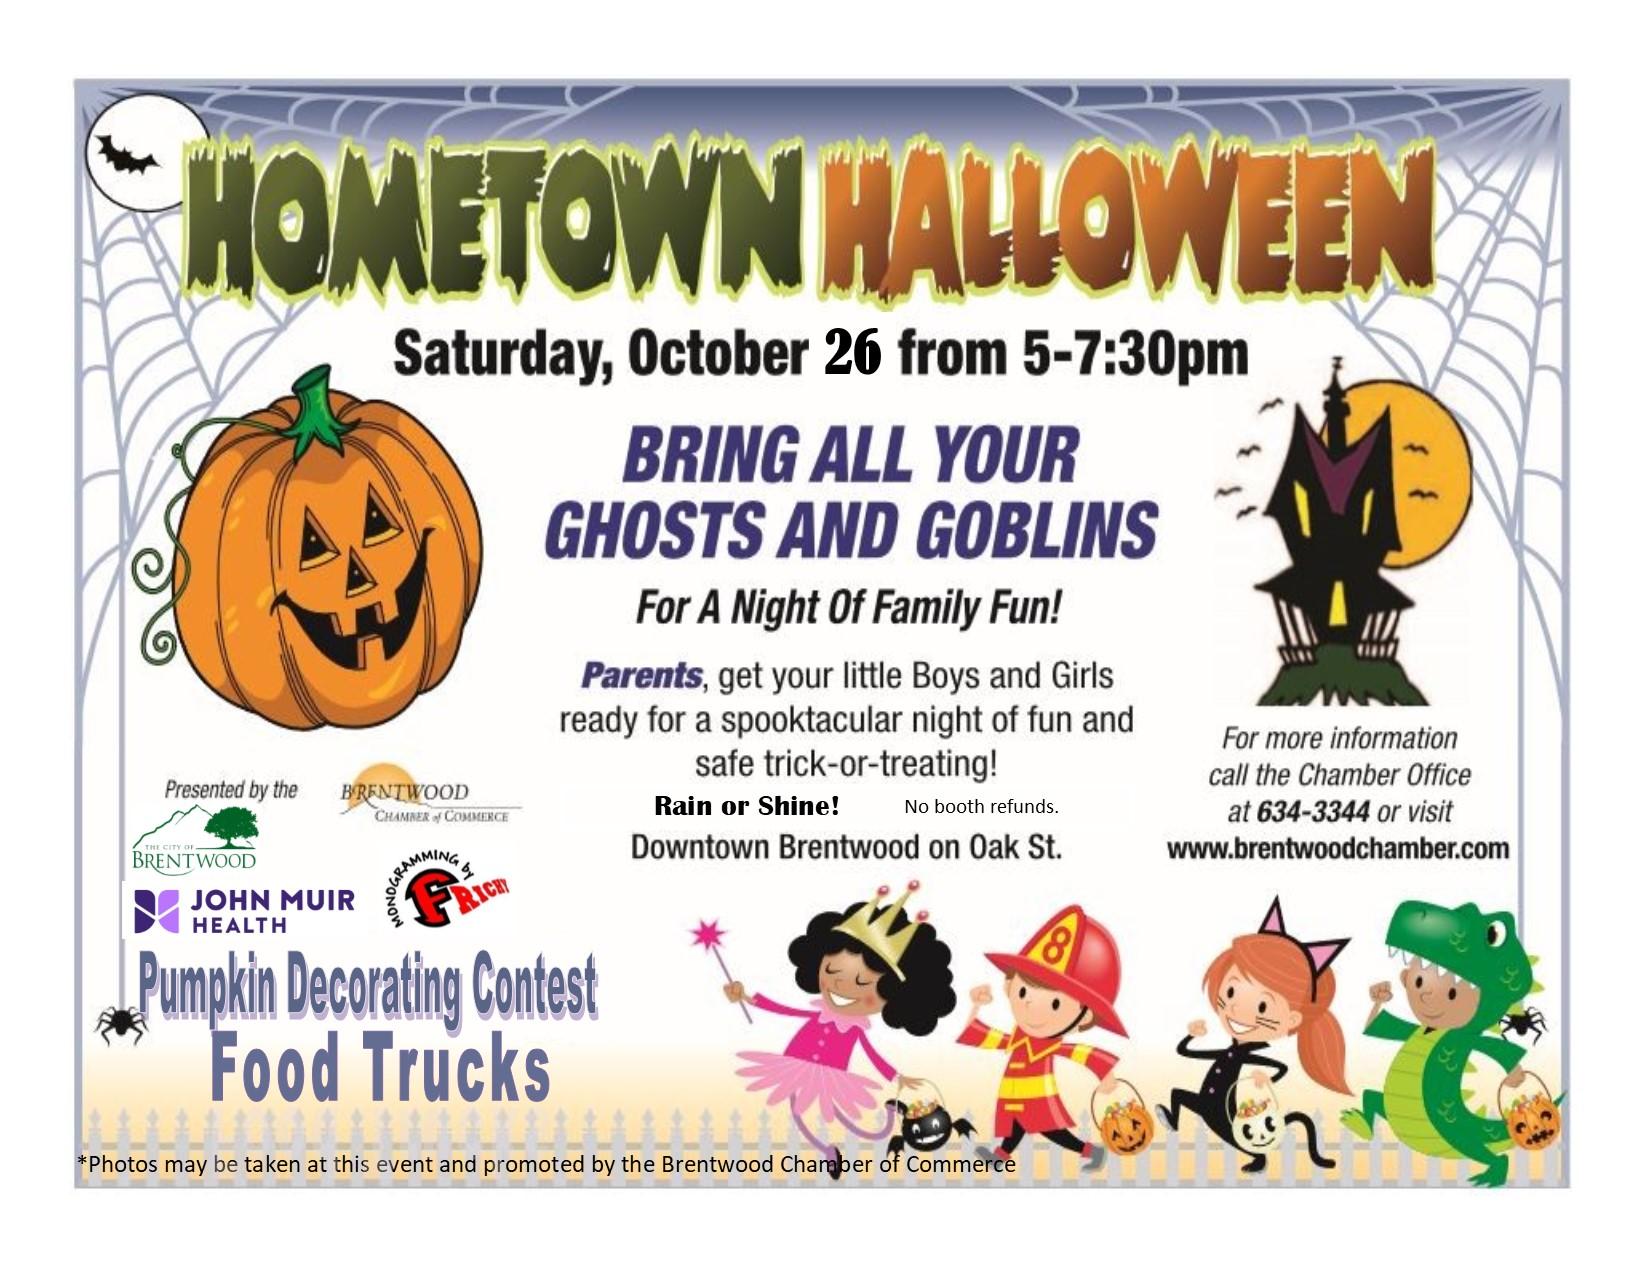 Hometown-Halloween-Flyer-2019.jpg